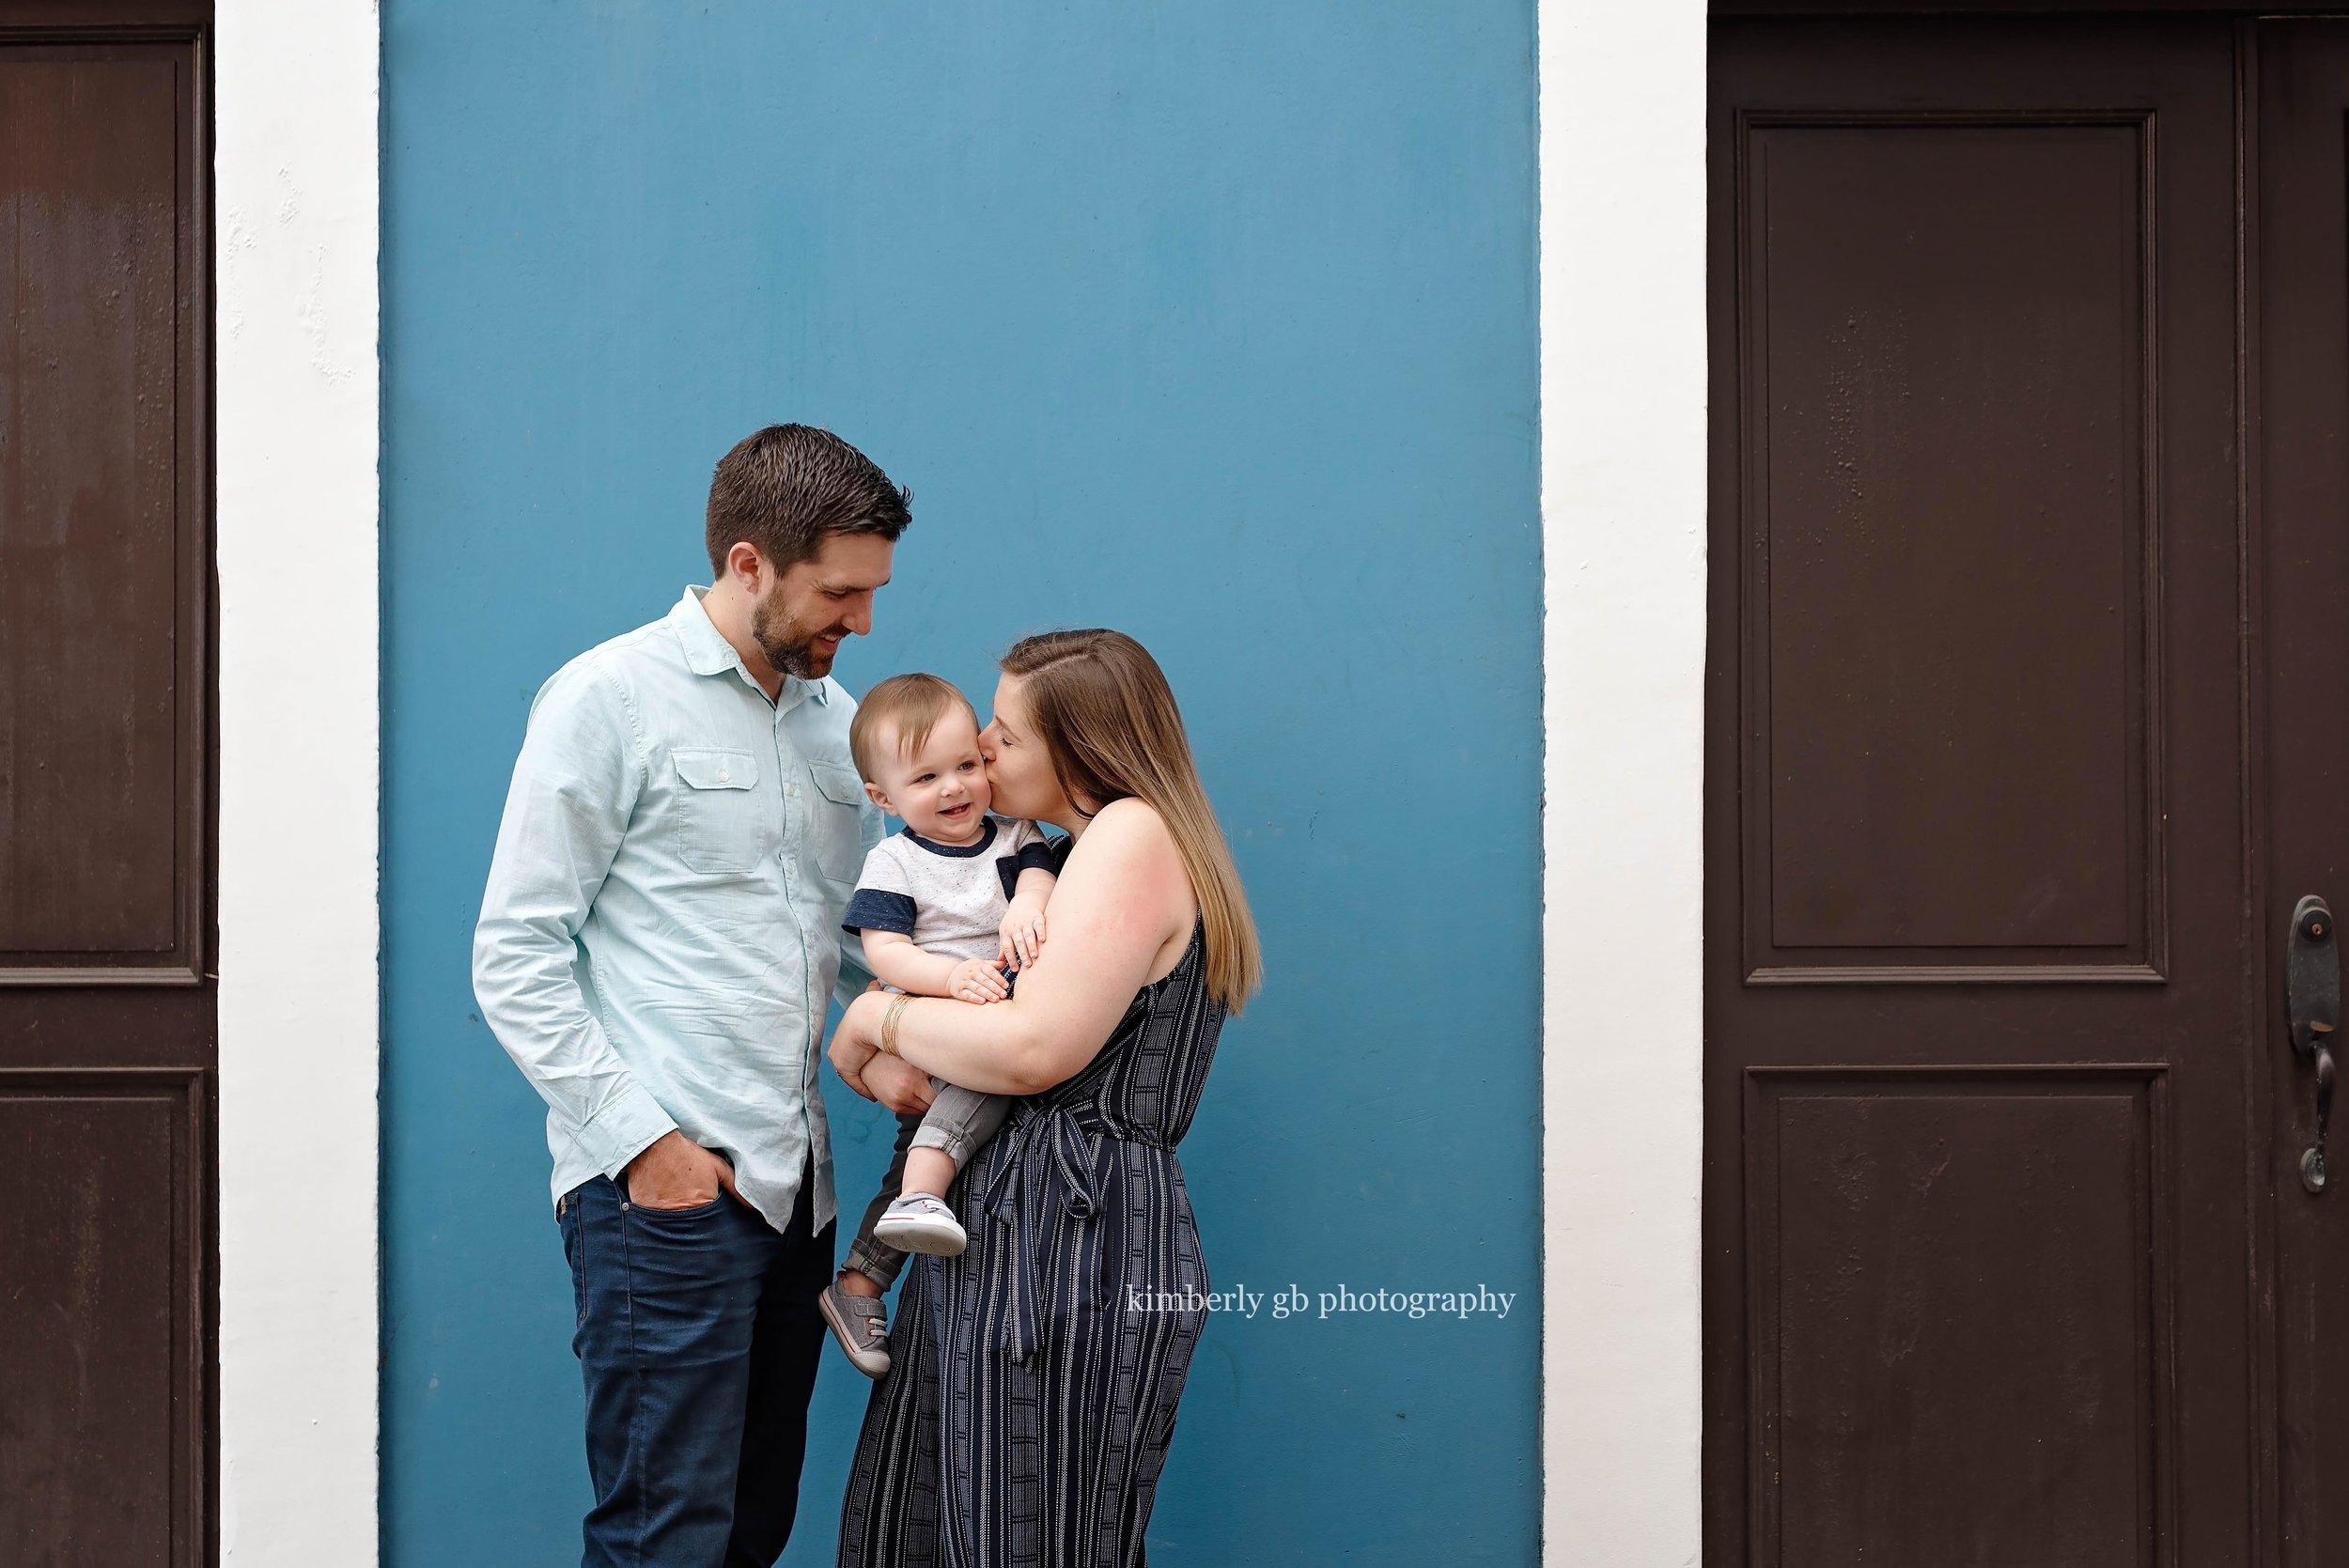 kimberly-gb-photography-fotografa-portrait-retrato-family-familia-puerto-rico-99.jpg